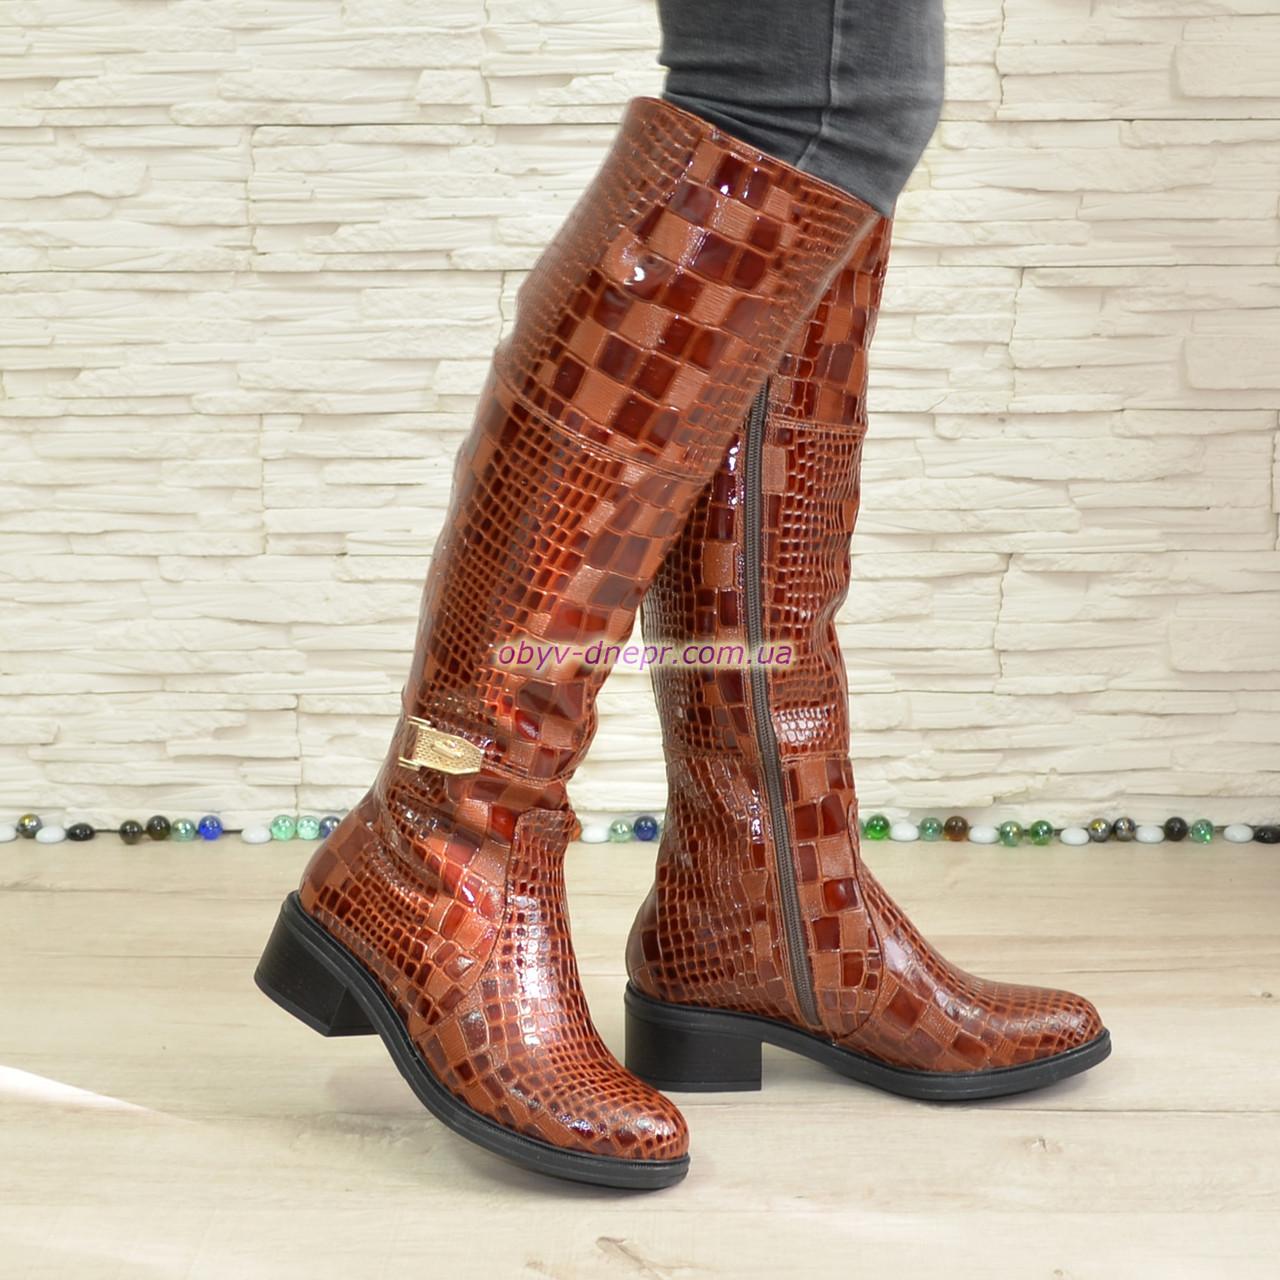 Женские зимние  сапоги на невысоком устойчивом каблуке, декорированы брошкой, кожа крокодил. 36 размер